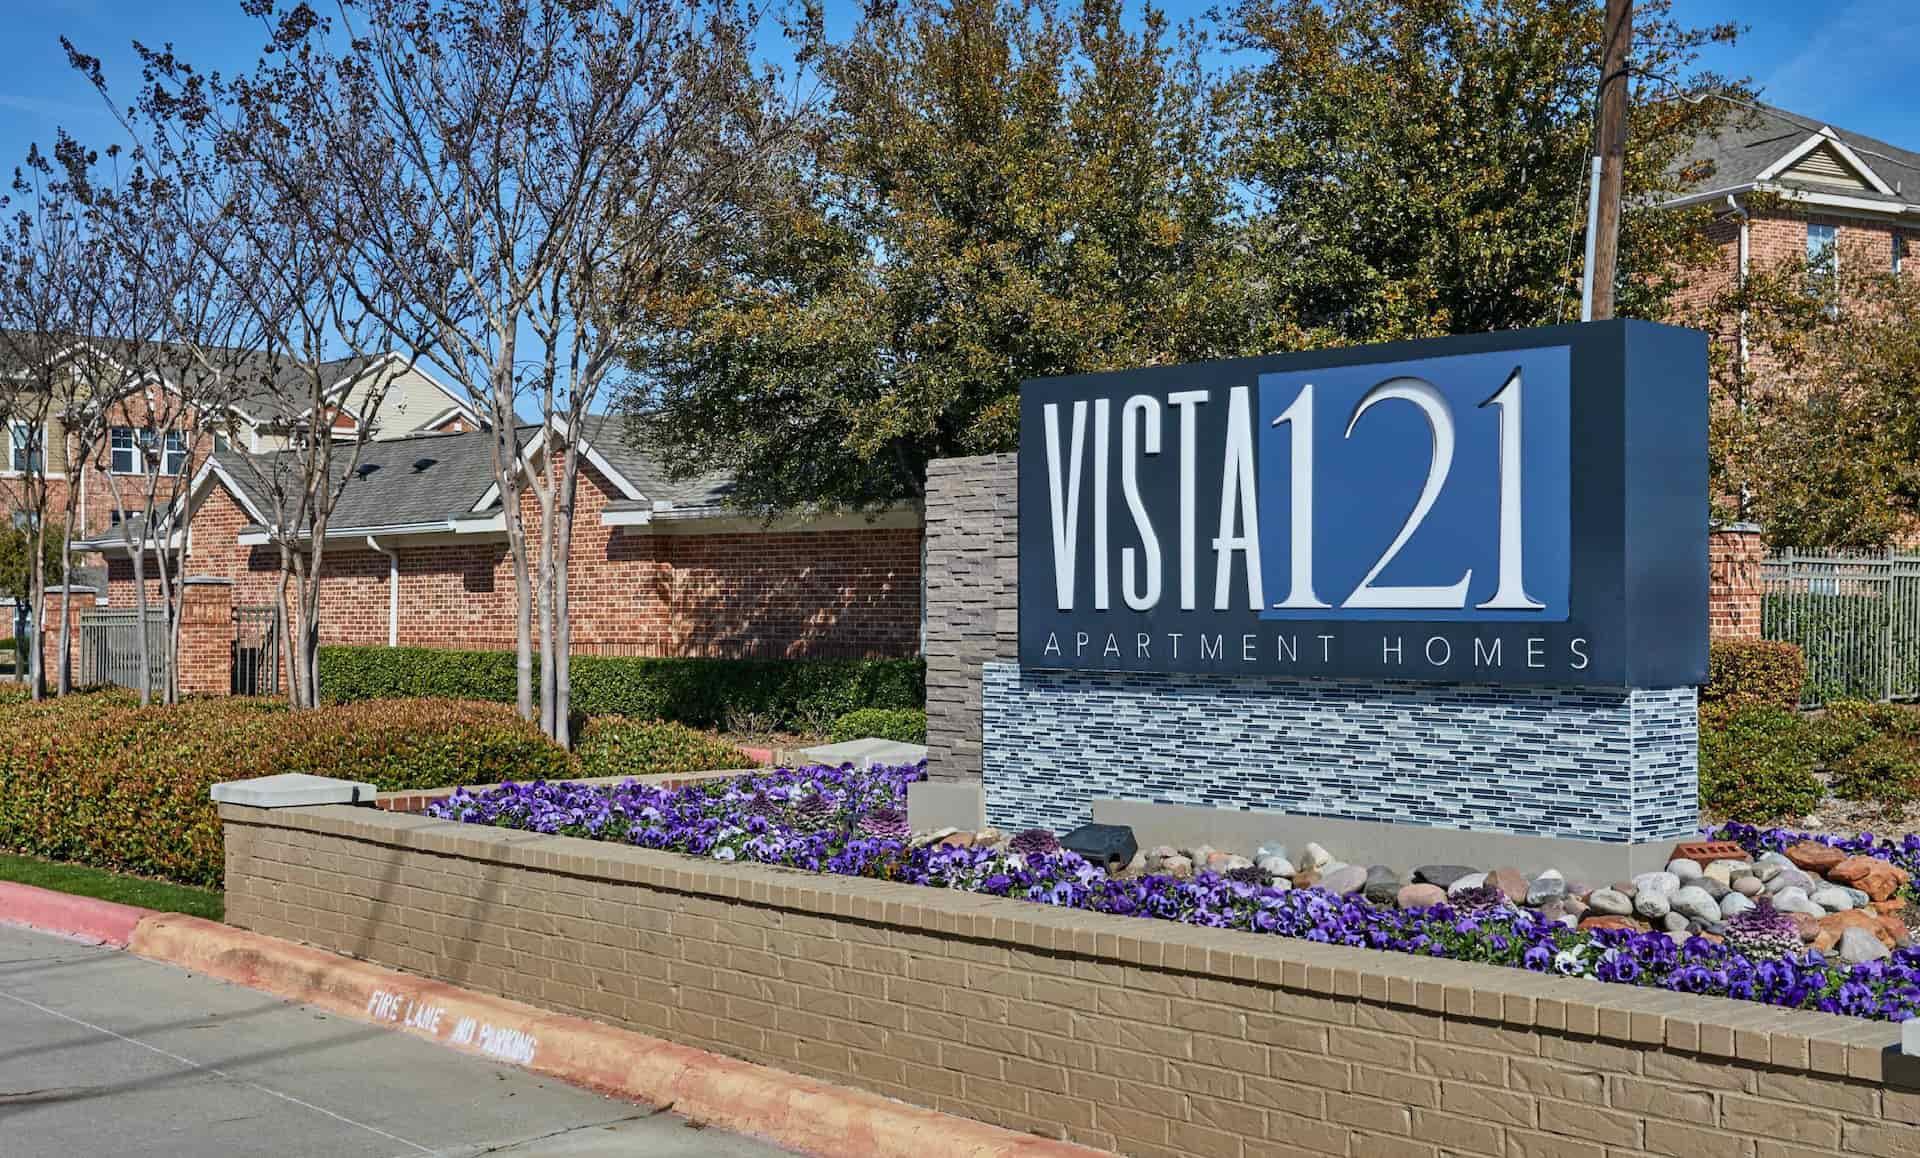 Vista 121 Apartment Homes sign